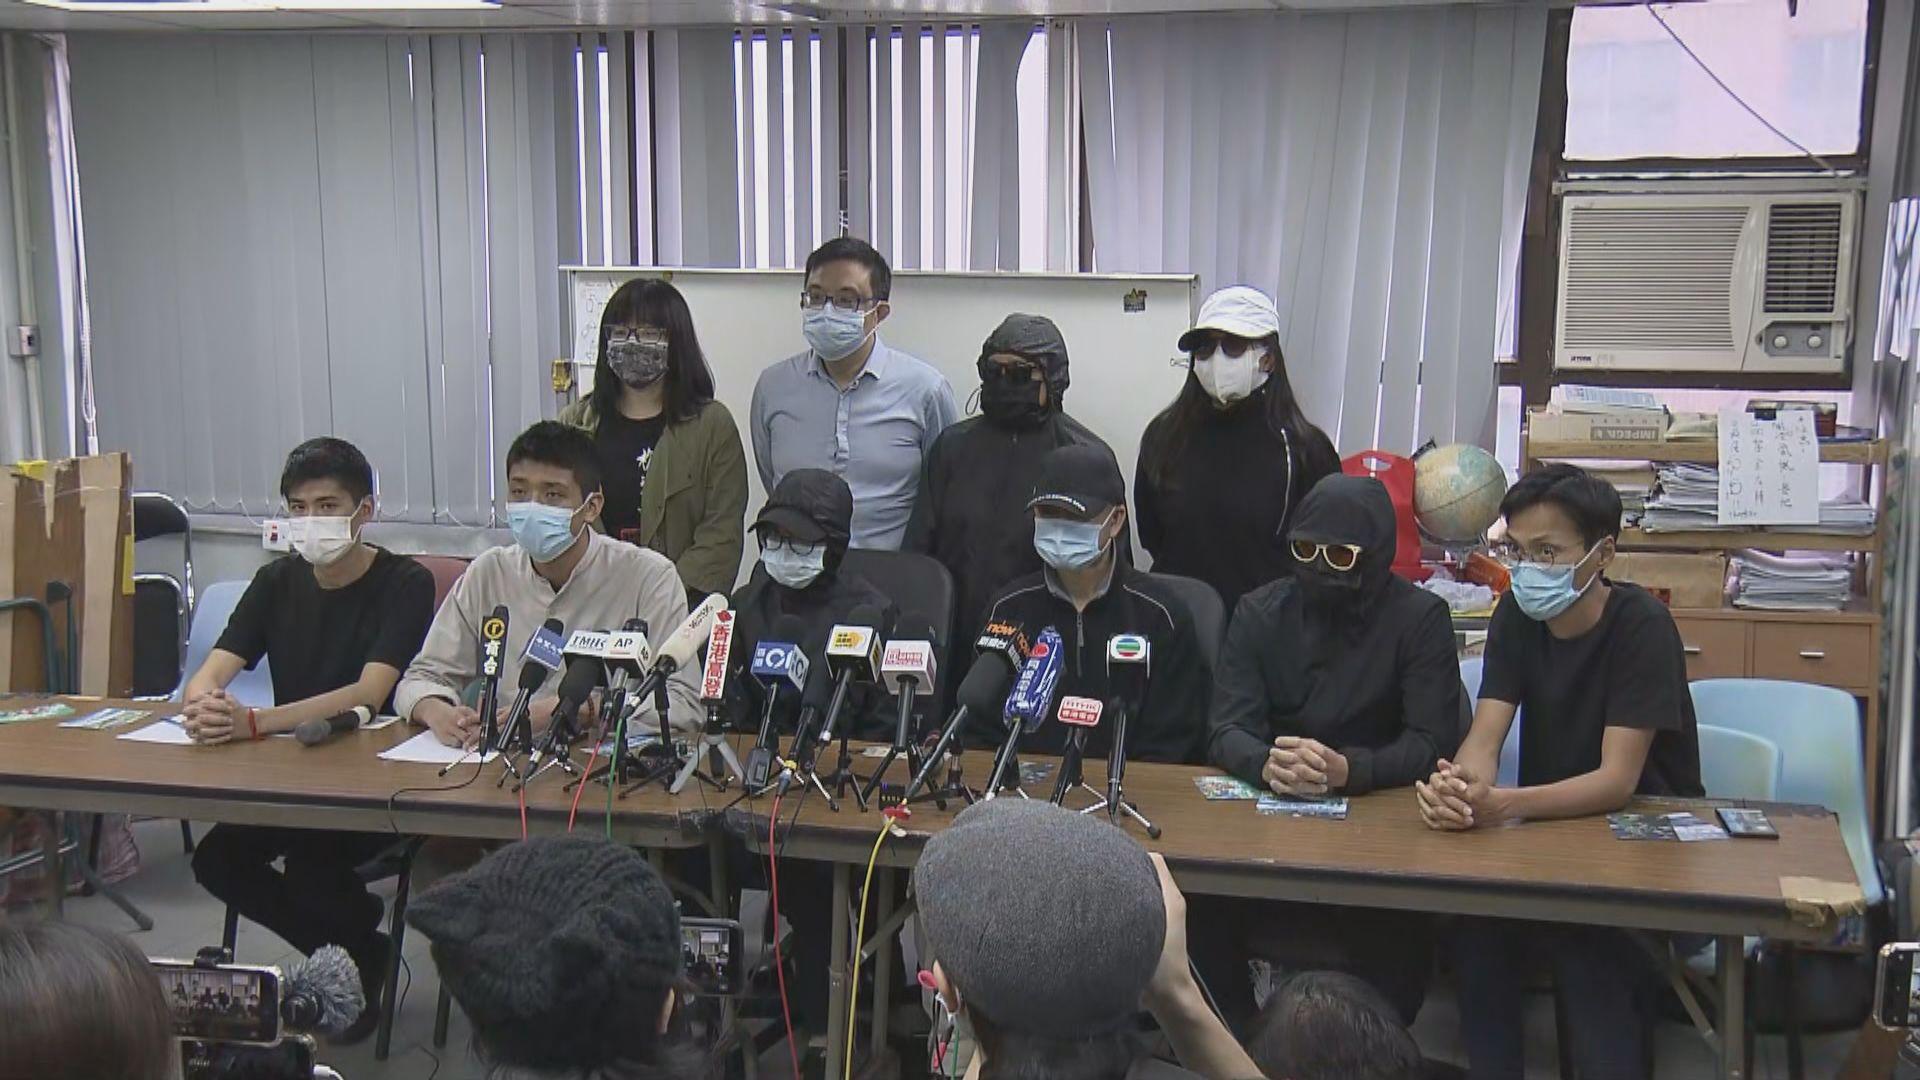 被扣港人致函著家人代認本港控罪 家人質疑非自願